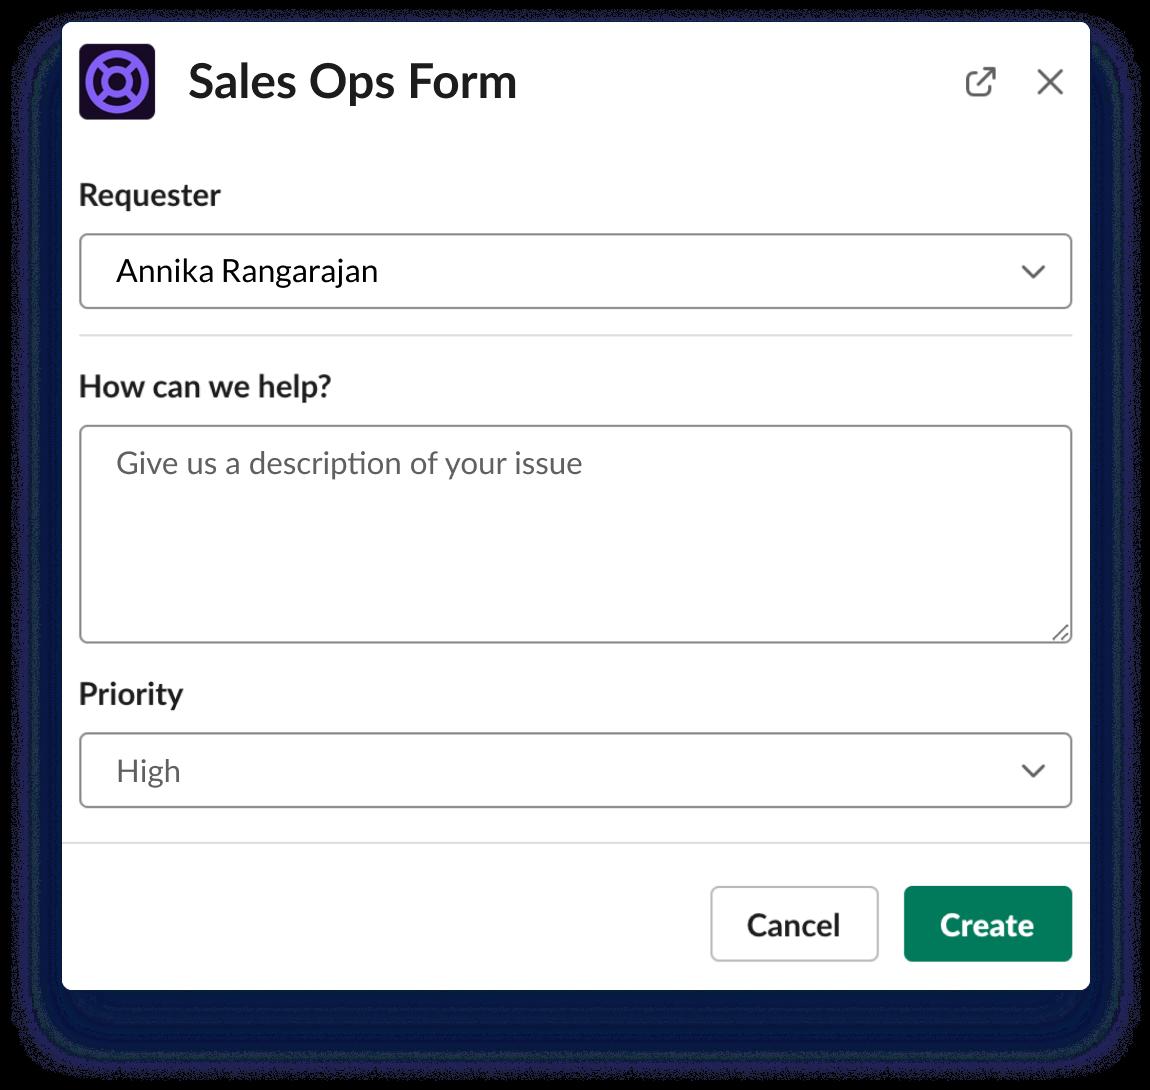 Formularz dla zespołów ds. sprzedaży